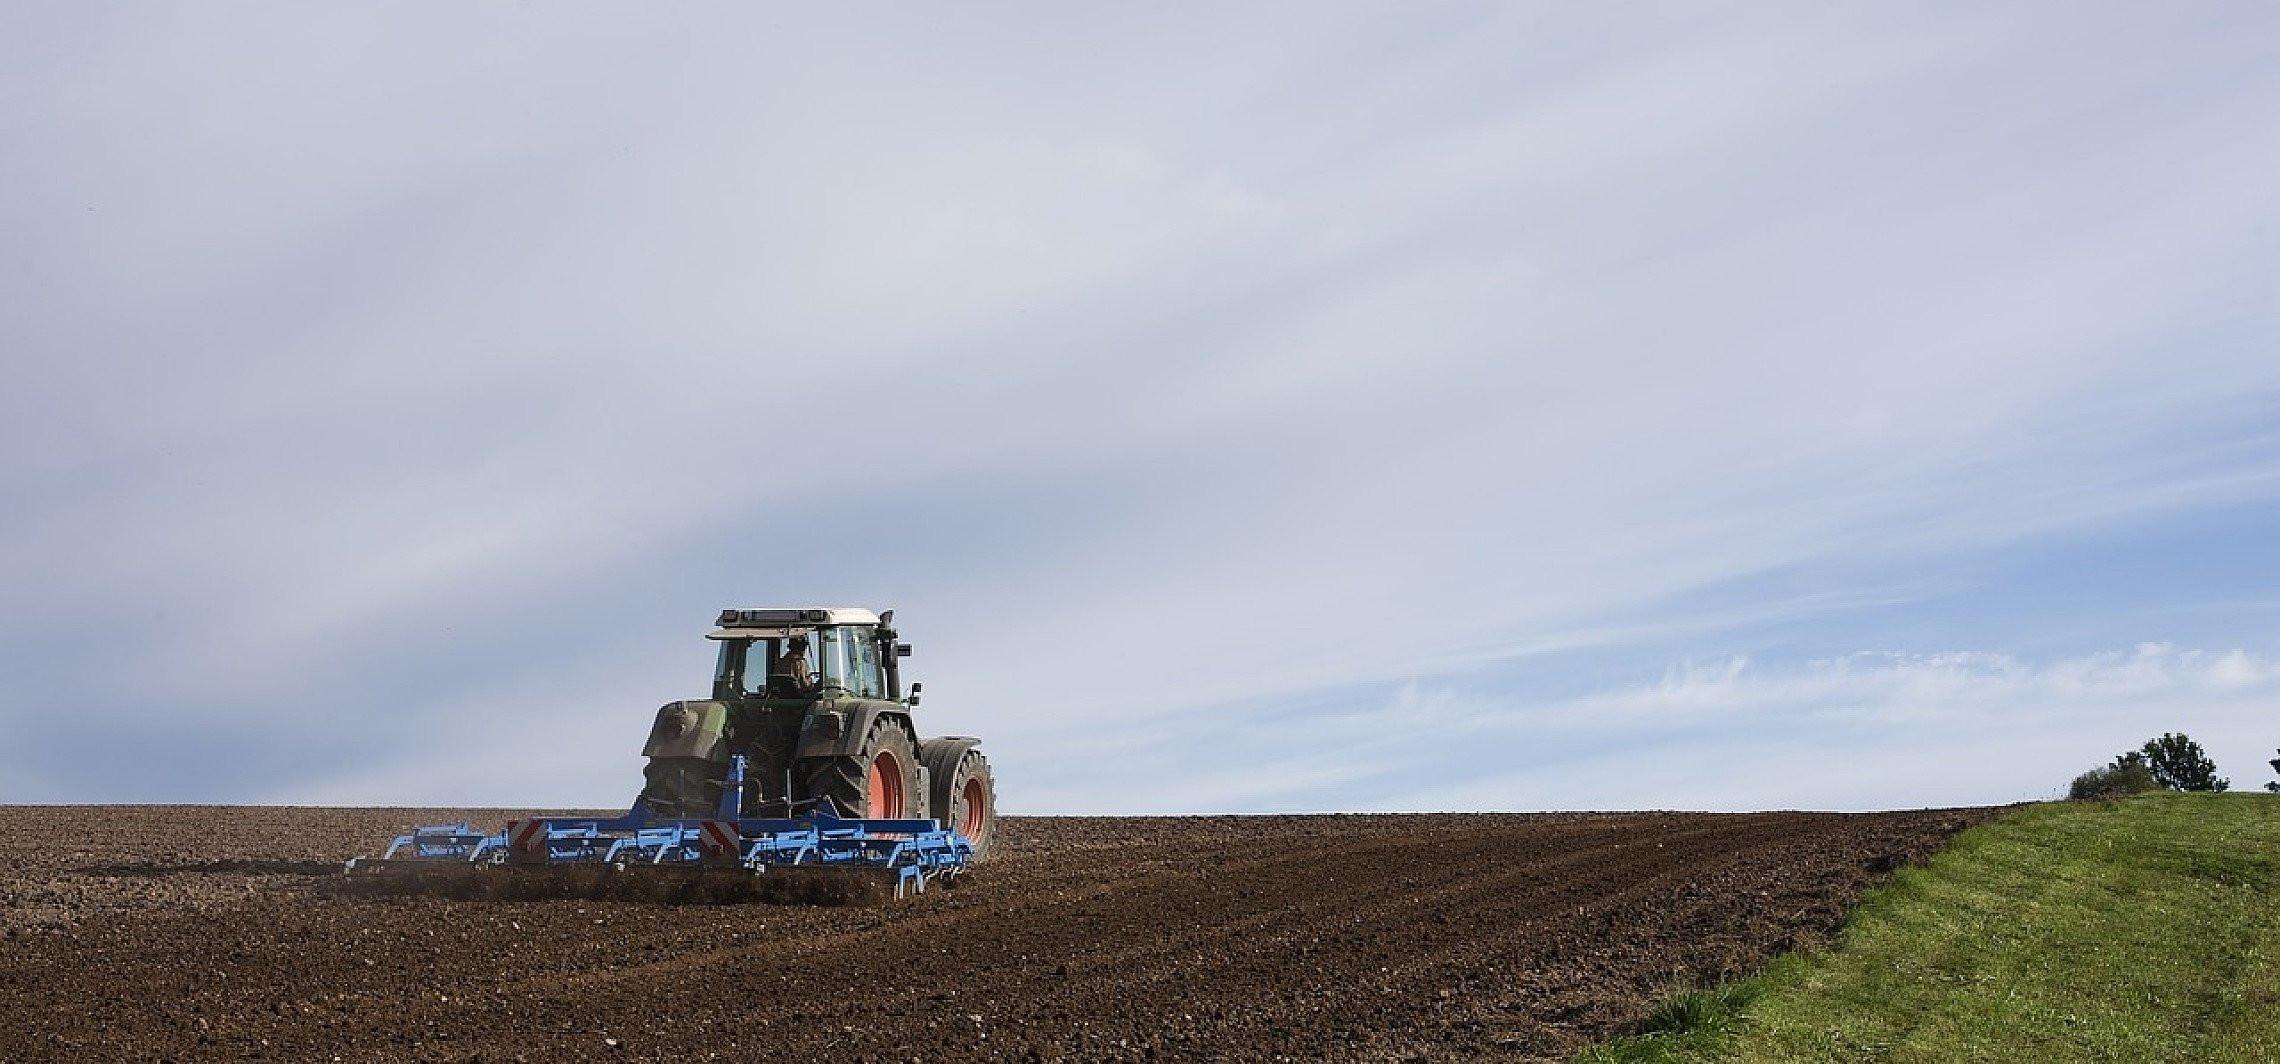 Kujawsko-Pomorskie - Mężczyznę wciągnęła maszyna rolnicza. Zginął na miejscu